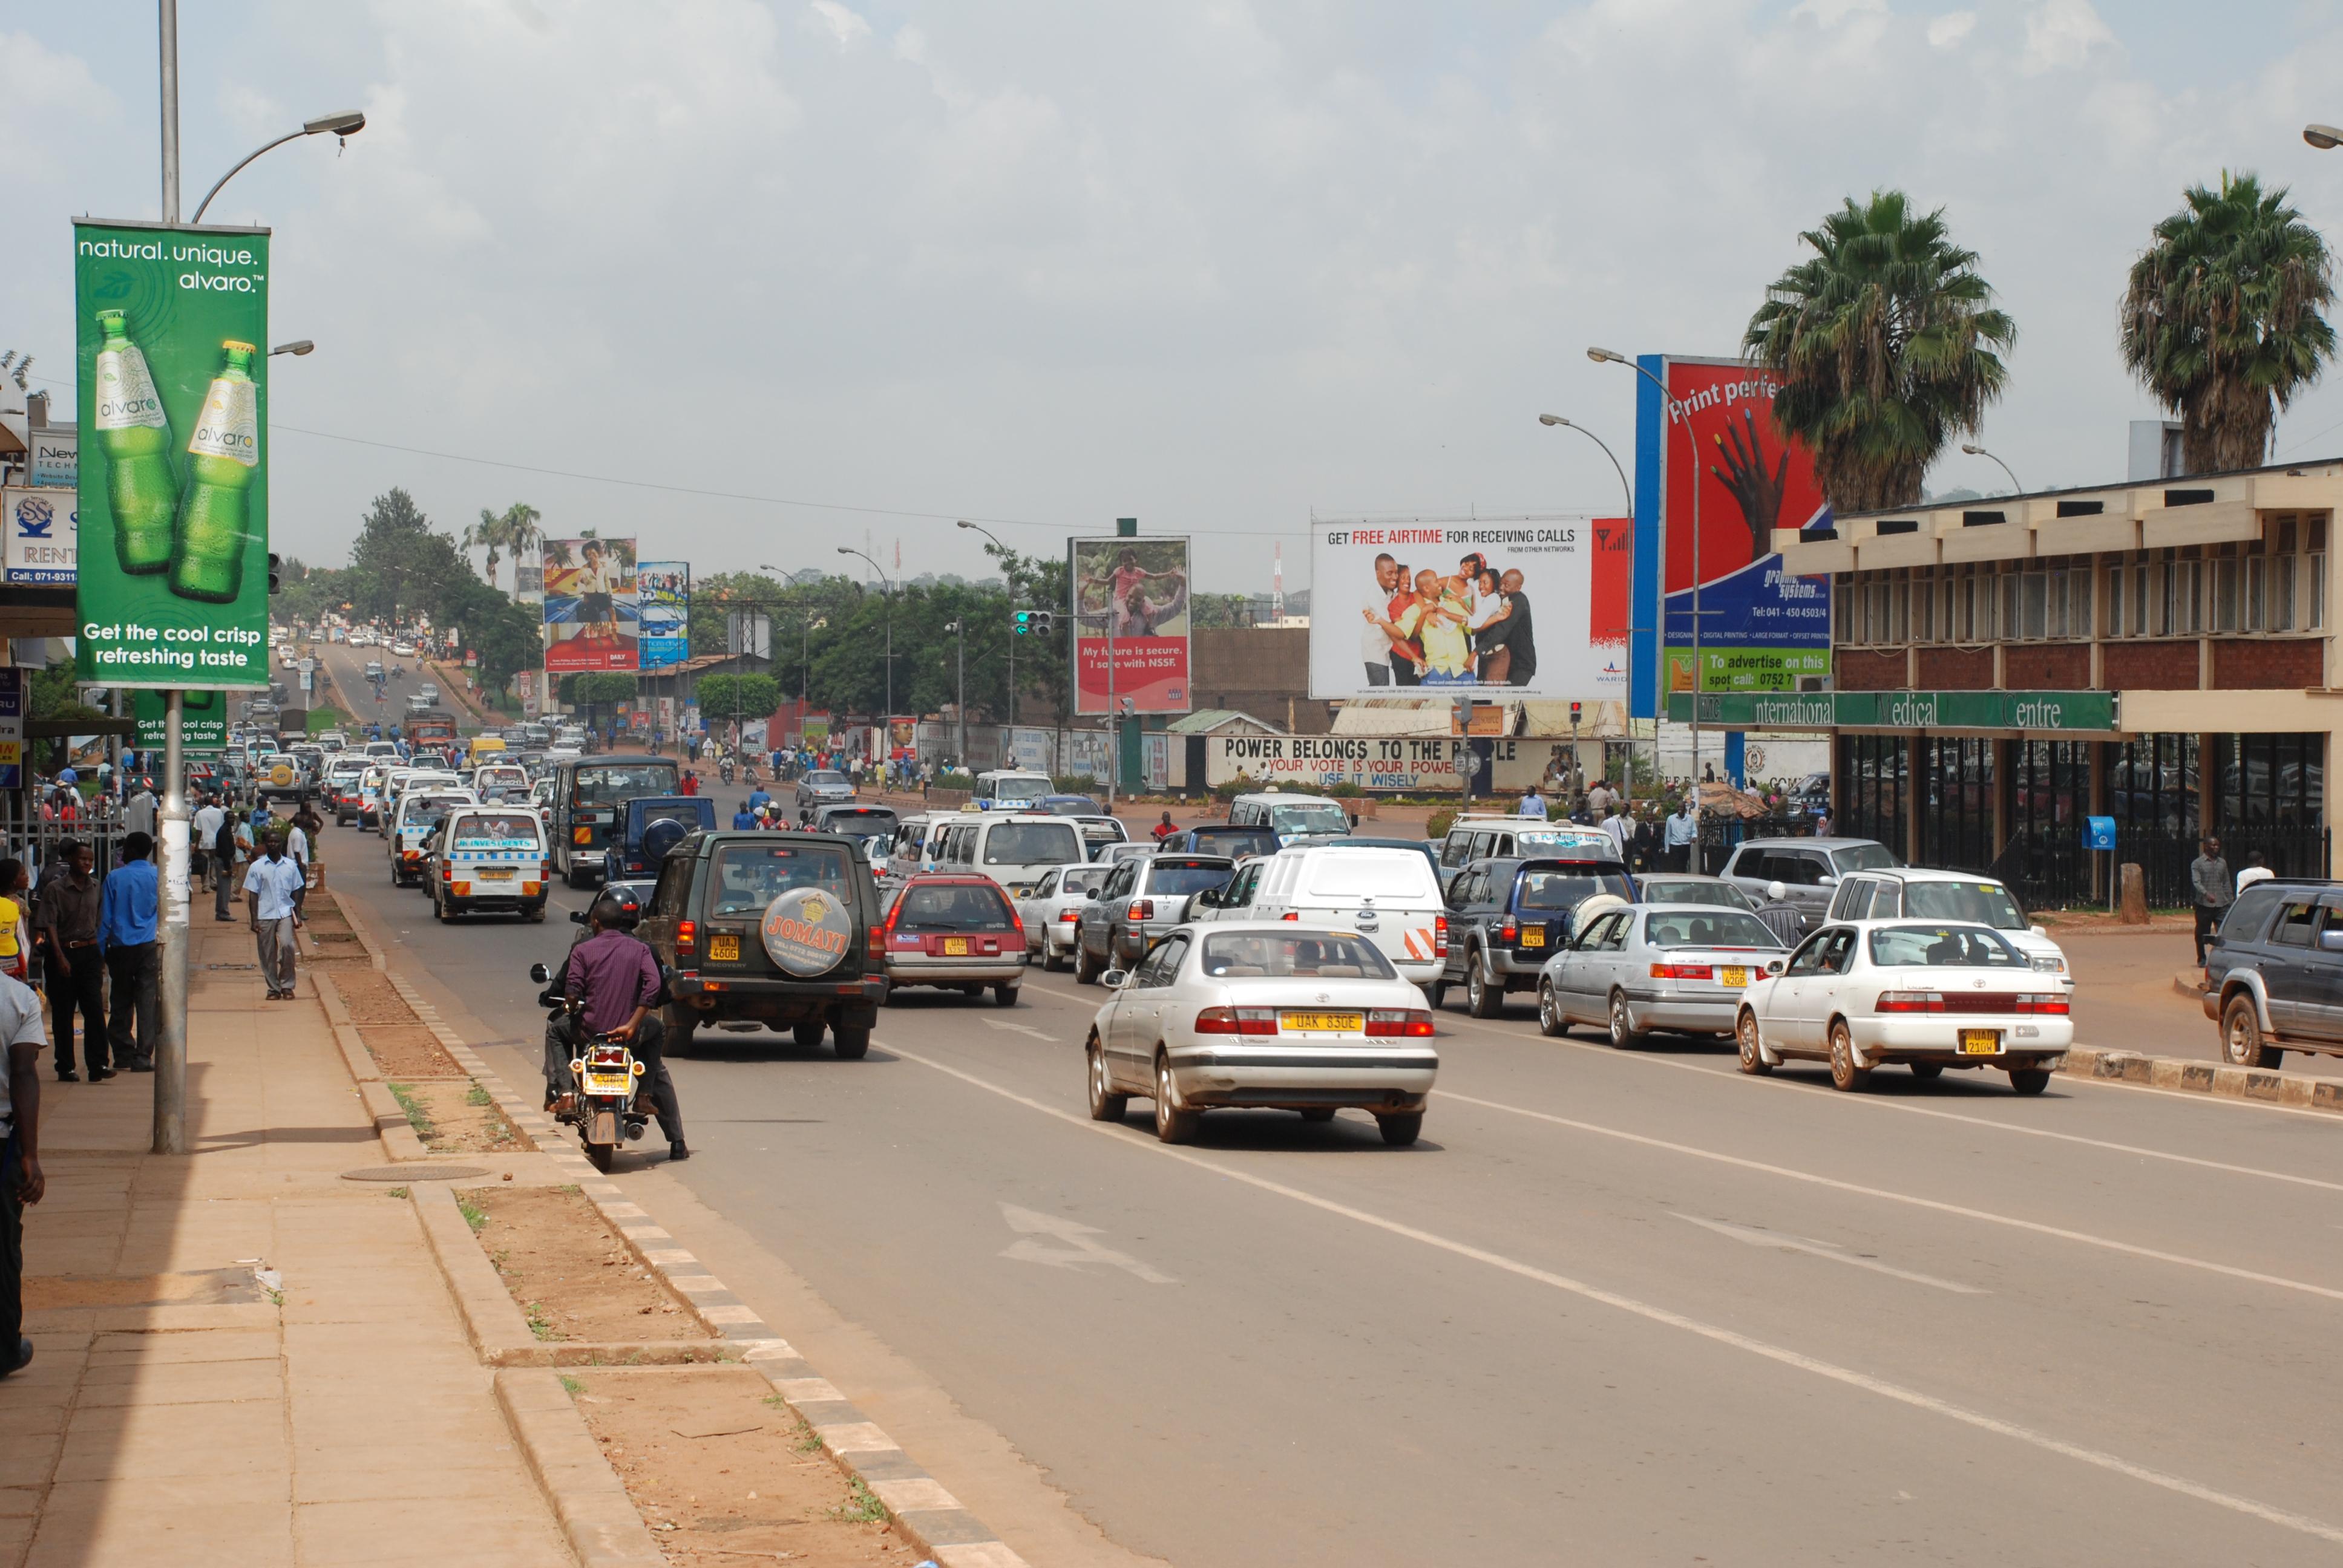 Back in Uganda!